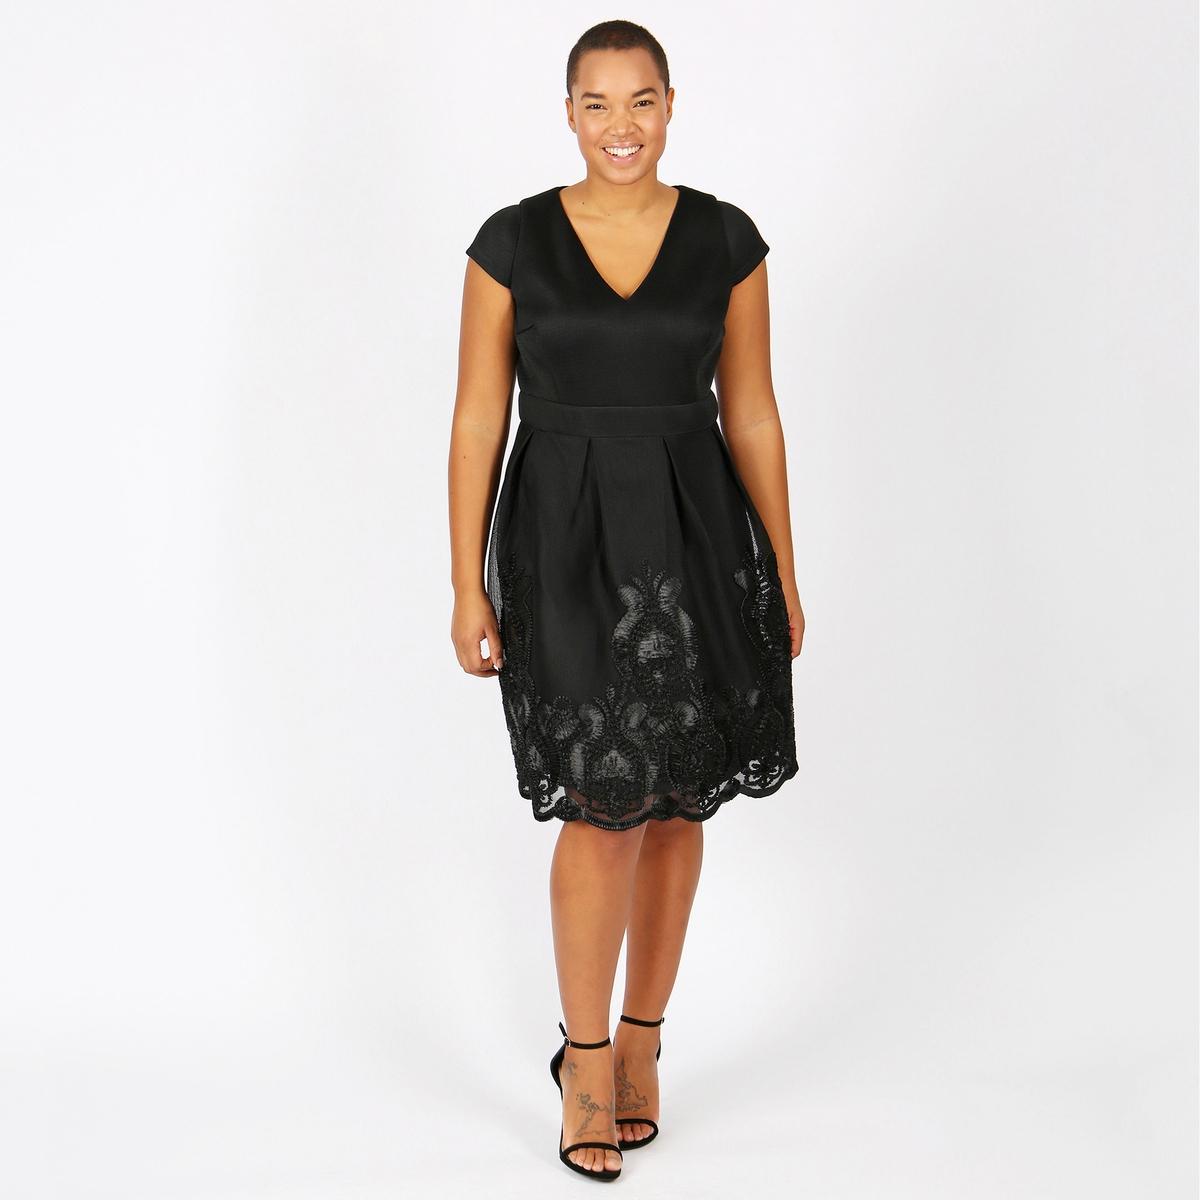 Платье однотонное средней длины, расширяющееся книзуОписание:Детали •  Форма : расклешенная •  Длина до колен •  Короткие рукава    •   V-образный вырезСостав и уход •  100% полиэстер •  Следуйте рекомендациям по уходу, указанным на этикетке изделияТовар из коллекции больших размеров<br><br>Цвет: черный<br>Размер: 50/52 (FR) - 56/58 (RUS)